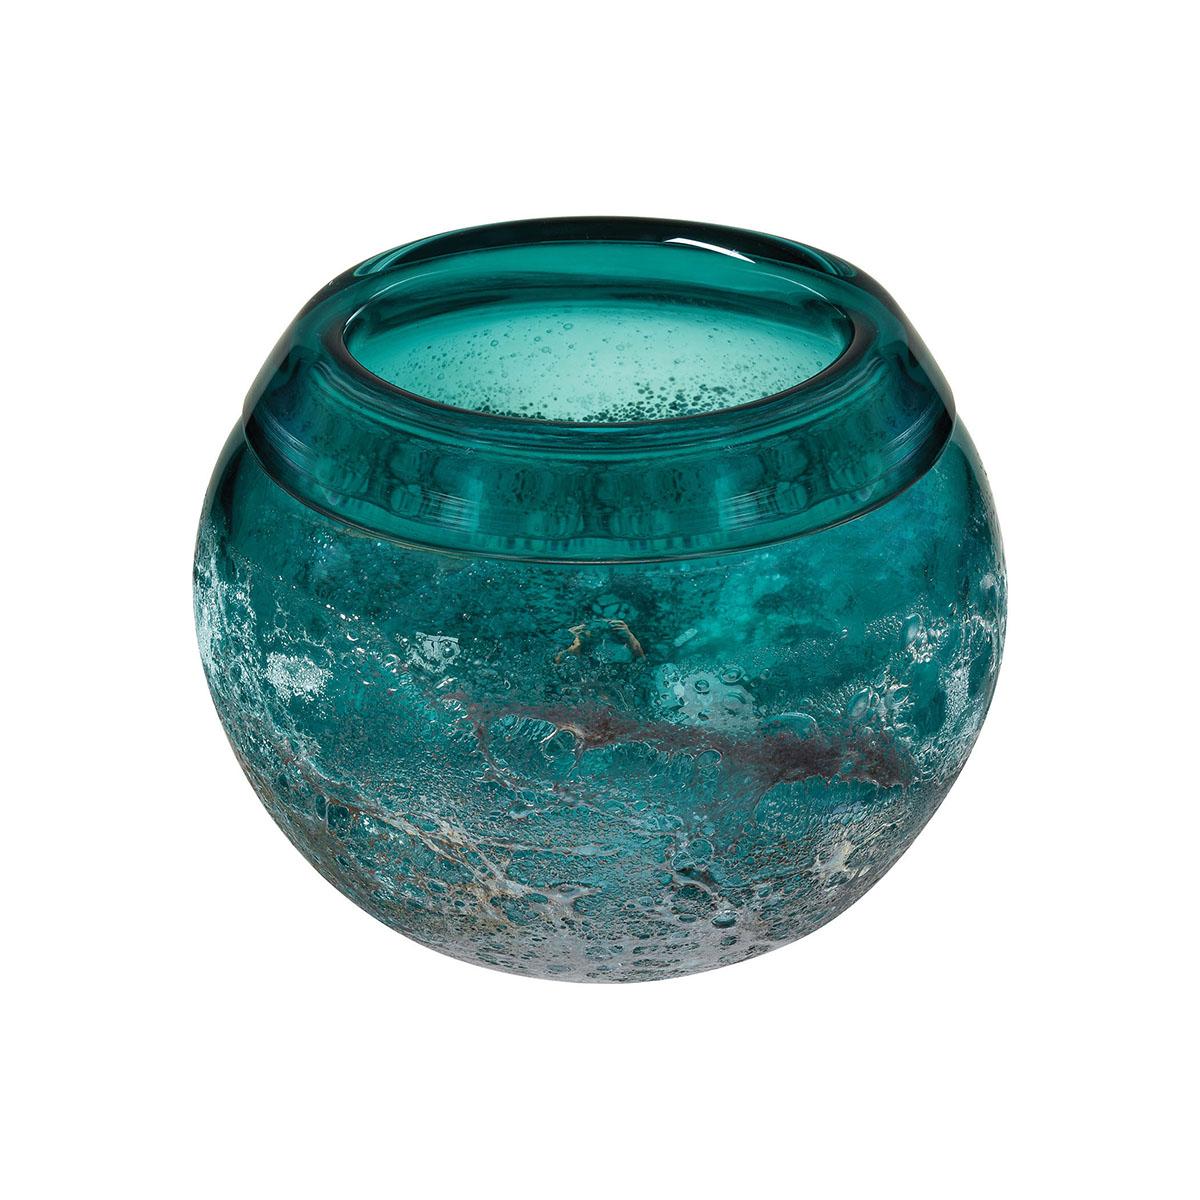 Dimond Home Vase Vourvoulos Vessel -Large Bowl 4154-062